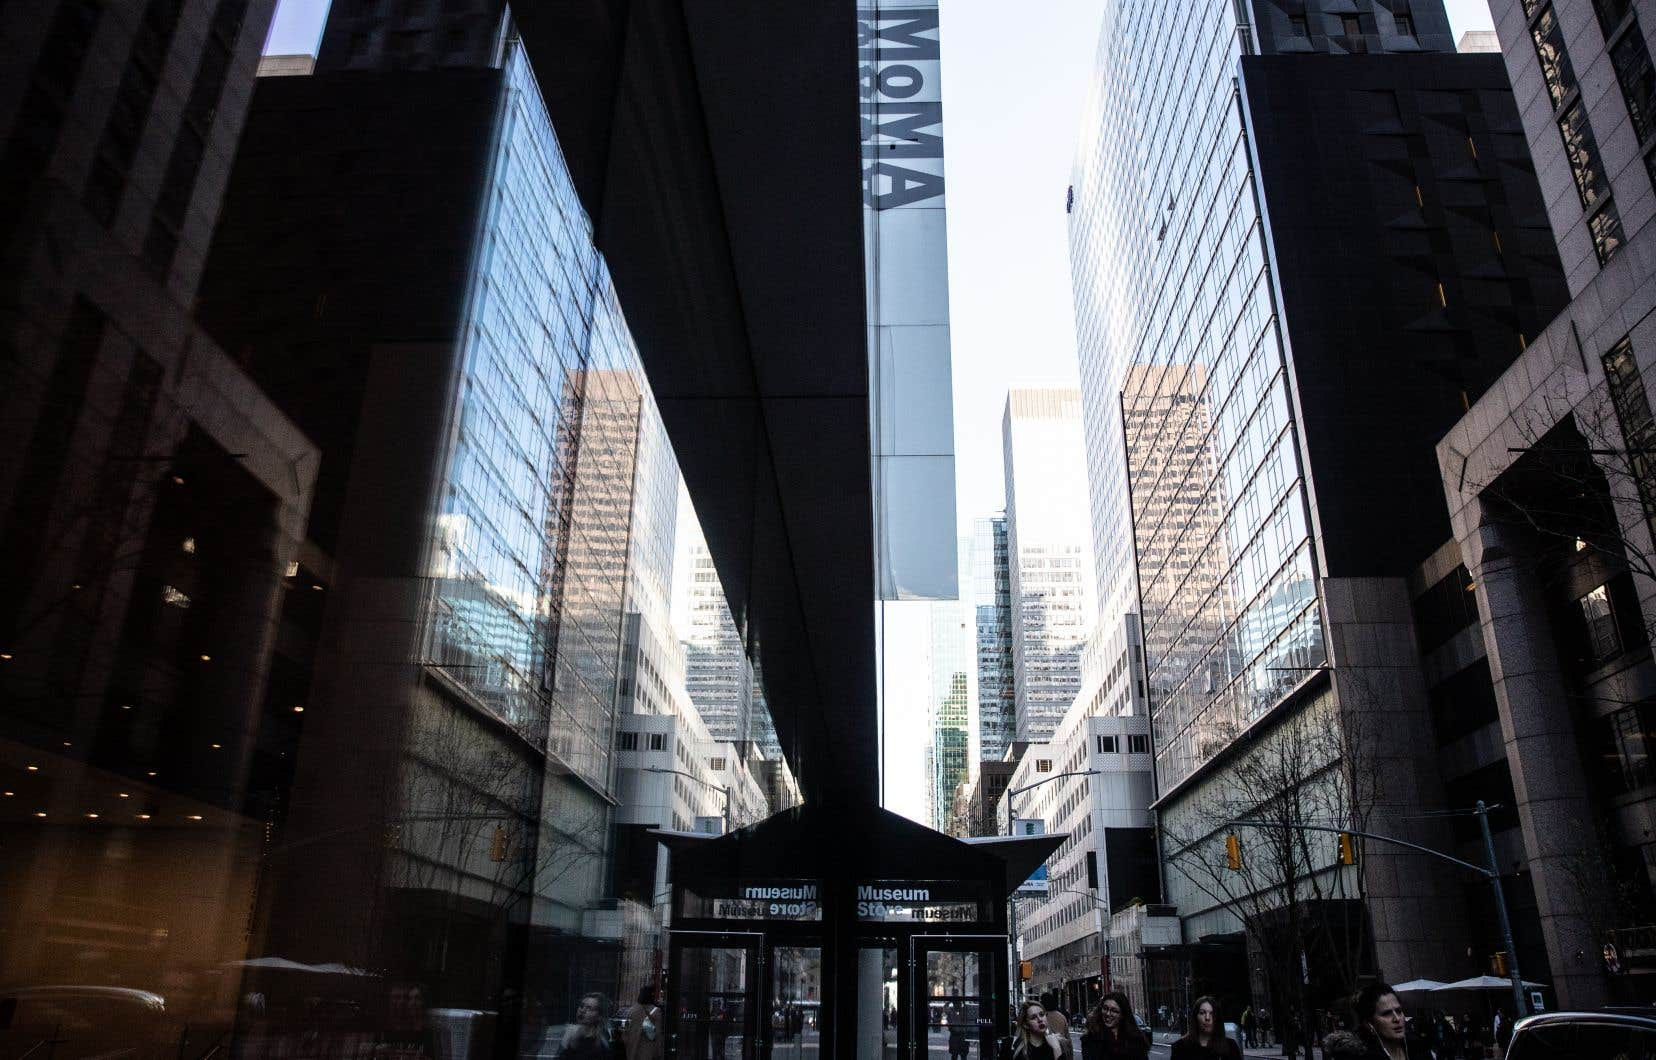 Le célèbre Museum of Modern Art de New York a annoncé lundi qu'il rouvrirait ses portes le 27 août, preuve que la capitale économique et culturelle américaine reprend quelques couleurs après cinq mois de paralysie due à la pandémie.